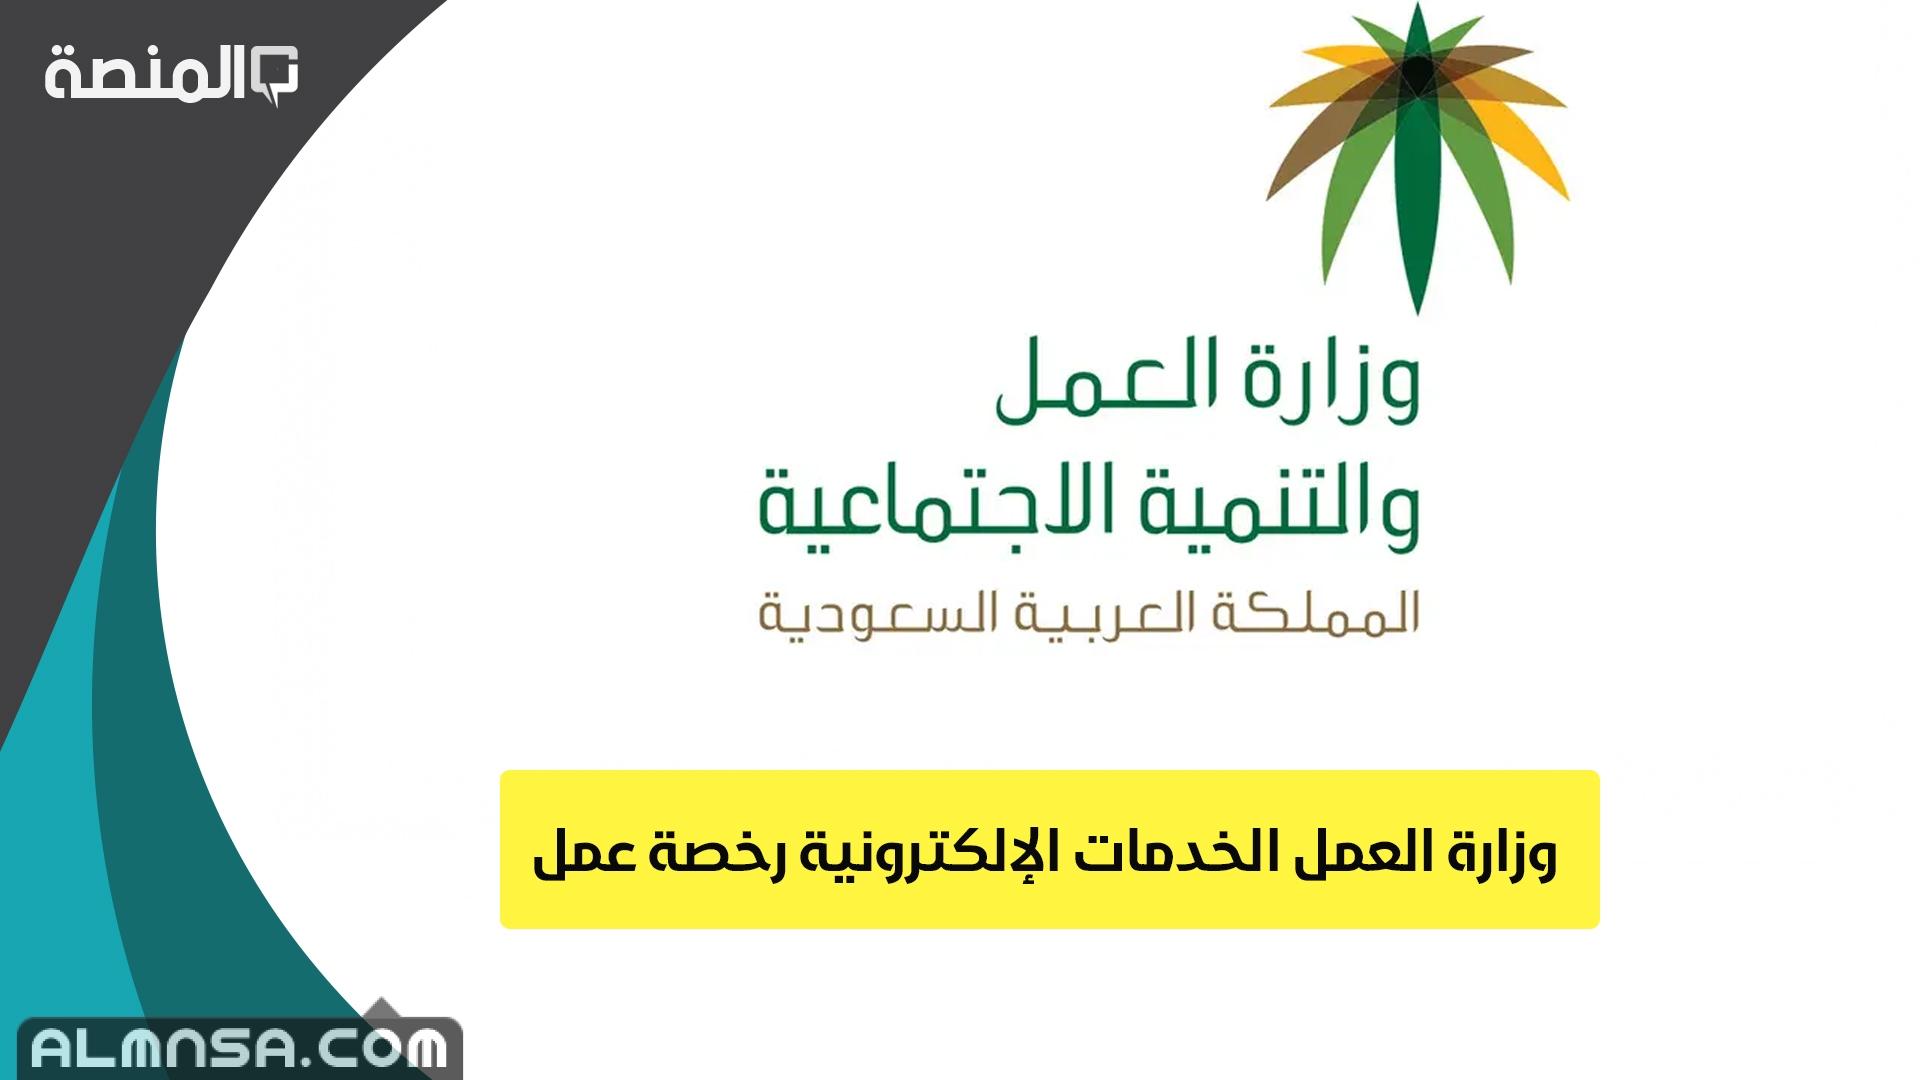 وزارة العمل الخدمات الإلكترونية رخصة عمل المنصة